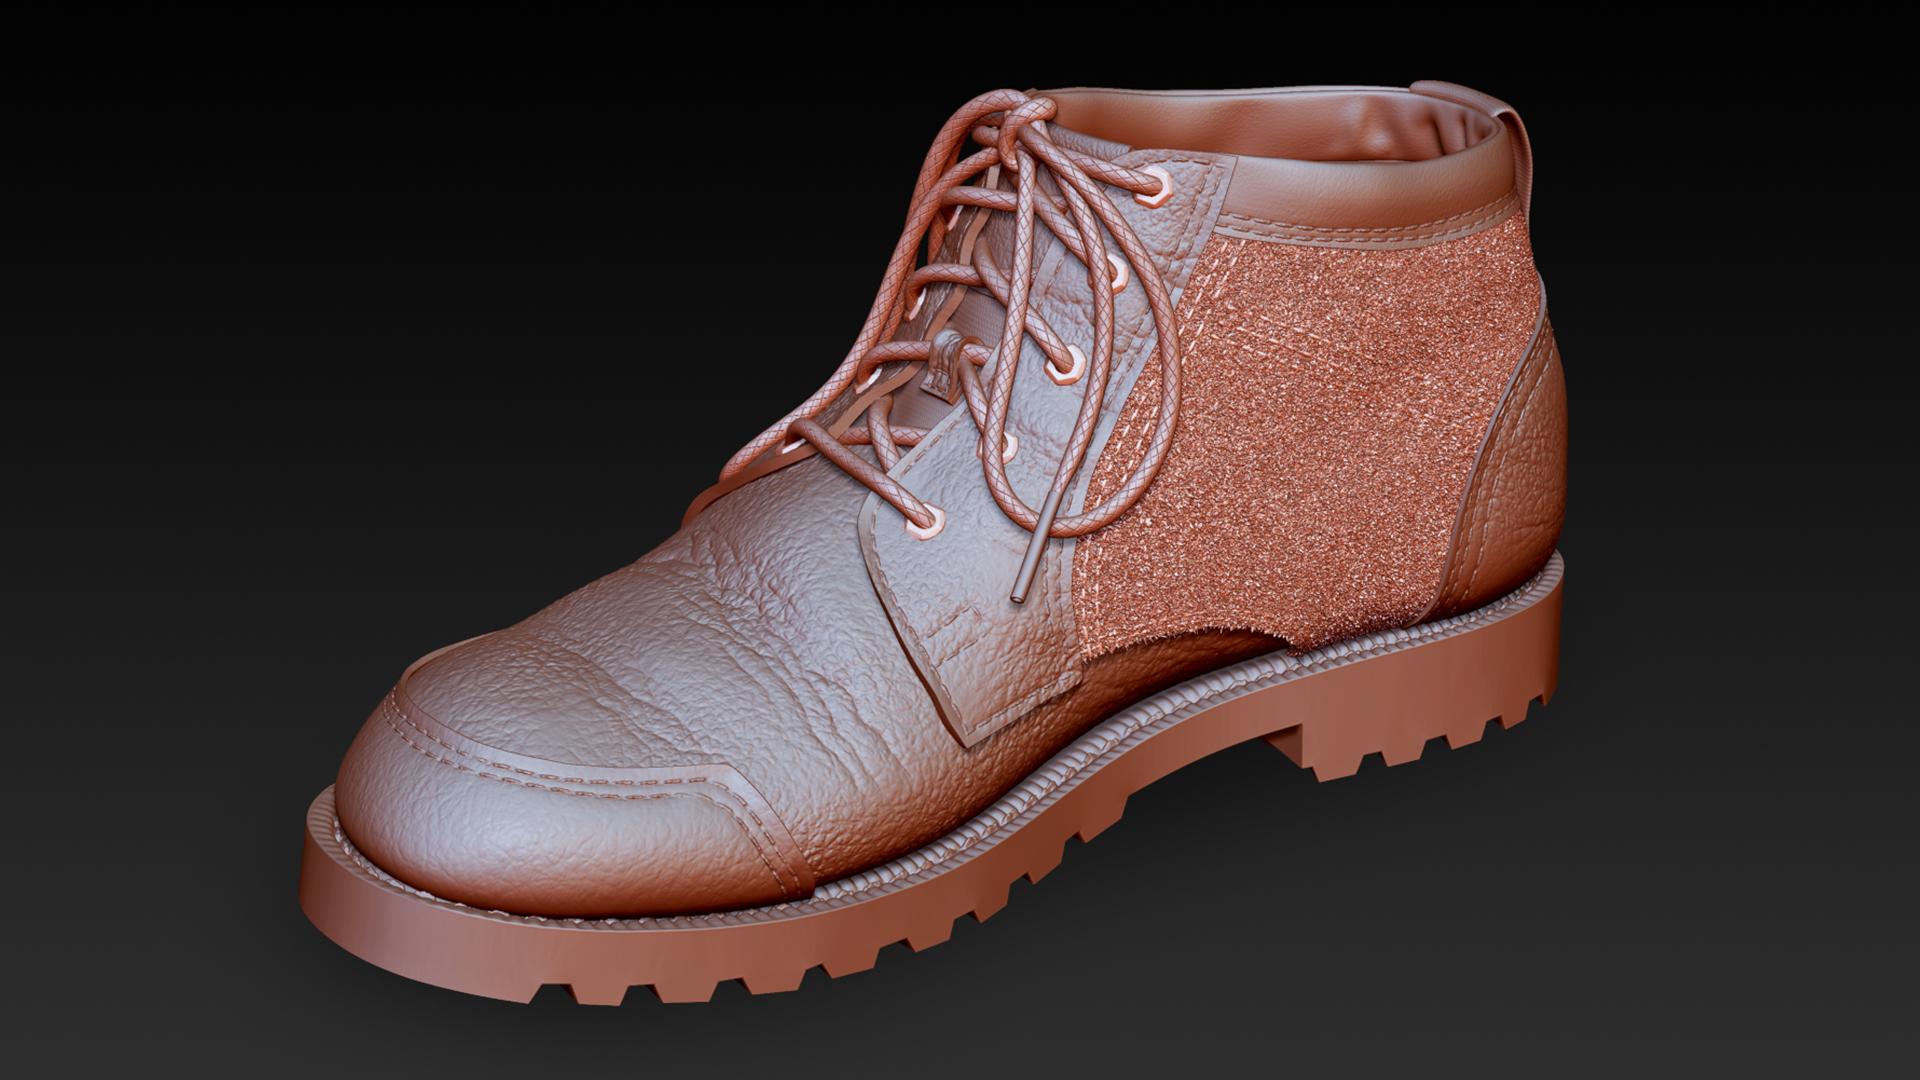 Zbrush Modeling Footwear